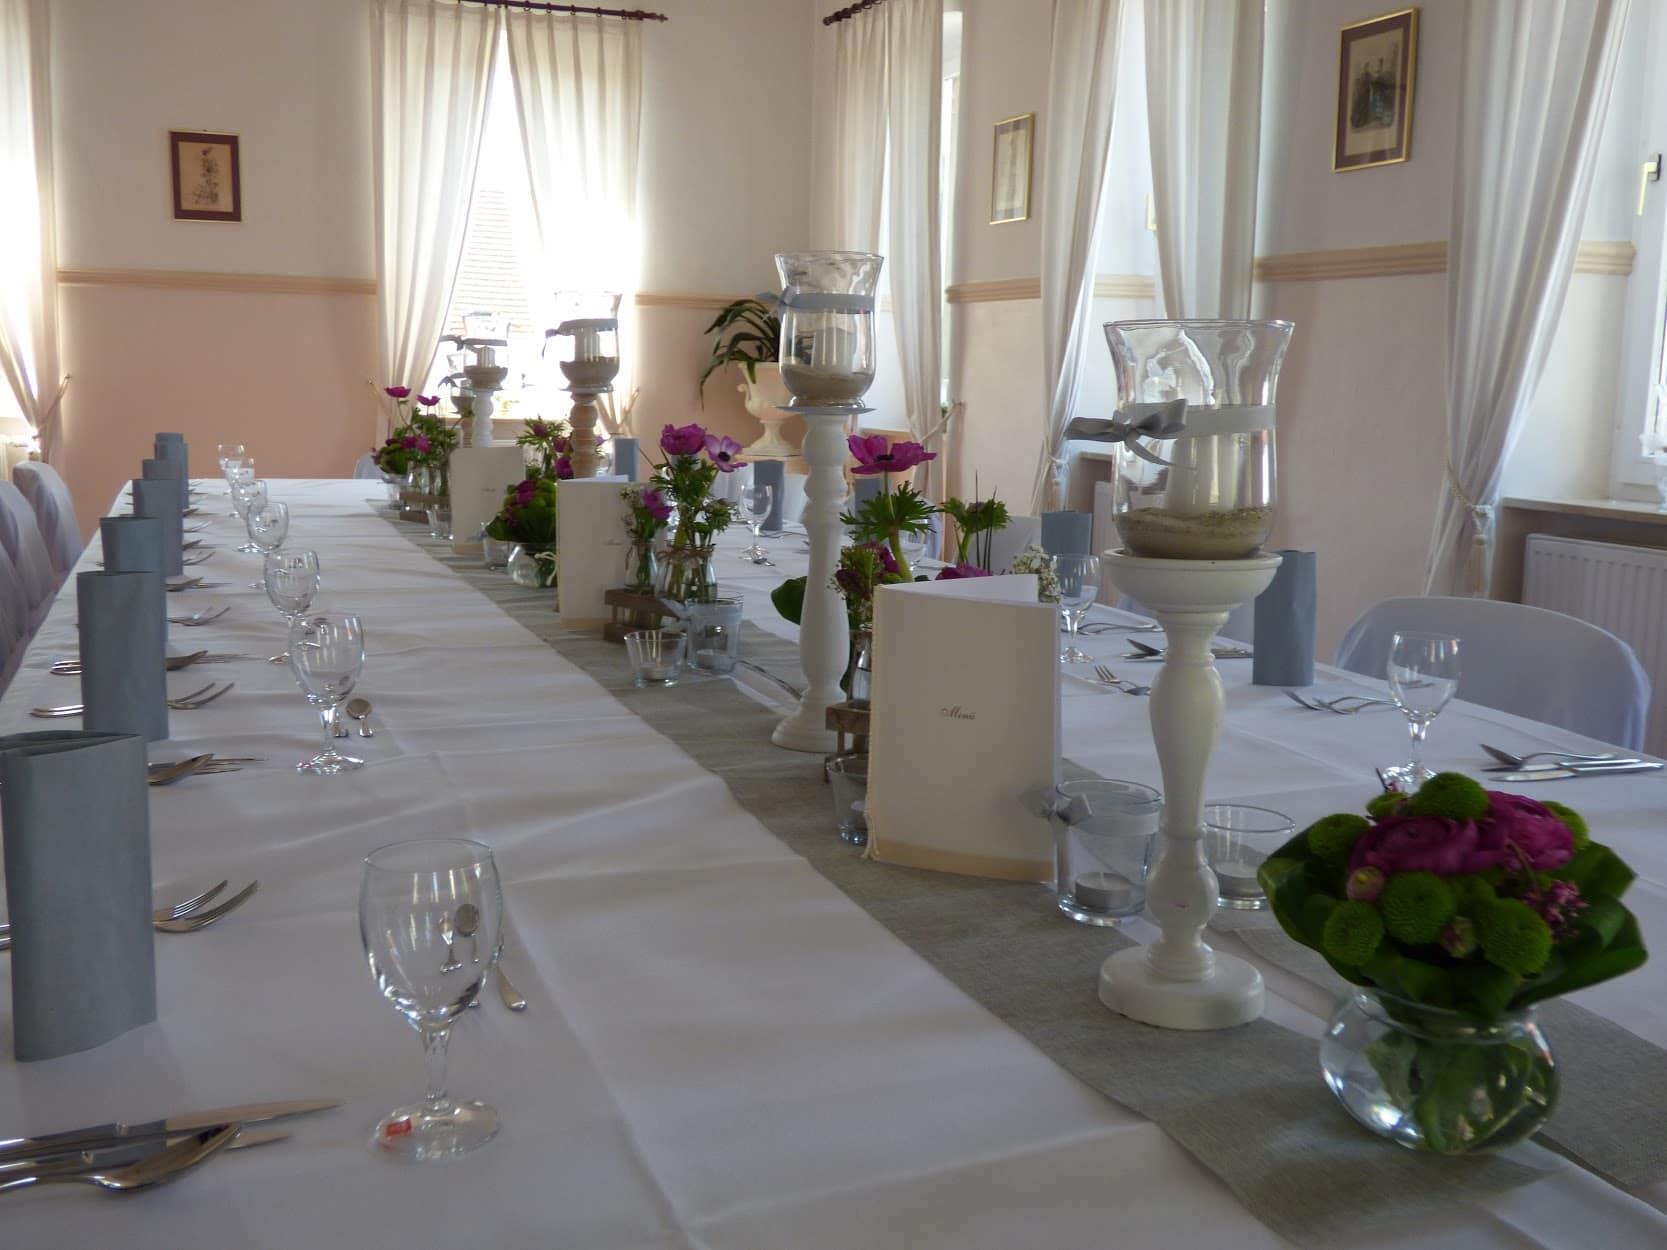 gedeckte Geburtstagstafel mit blauen Servietten, Menükarten und Blumenschmuck